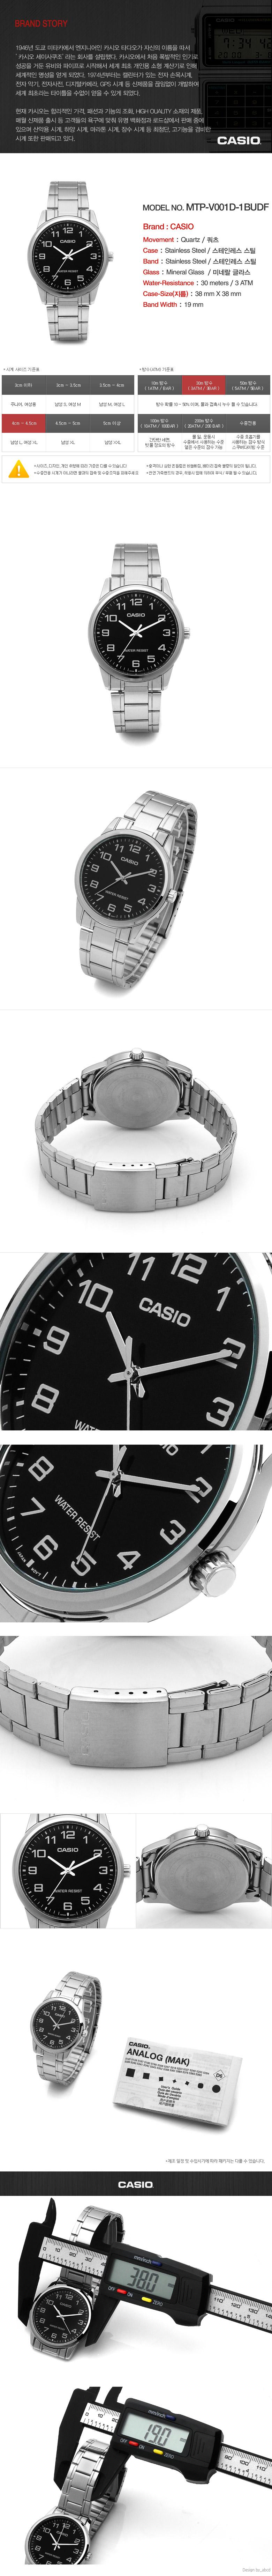 카시오 CASIO MTP-V001D-1BUDF (MTP-V001D-1B) 아날로그 남성 메탈시계 38mm